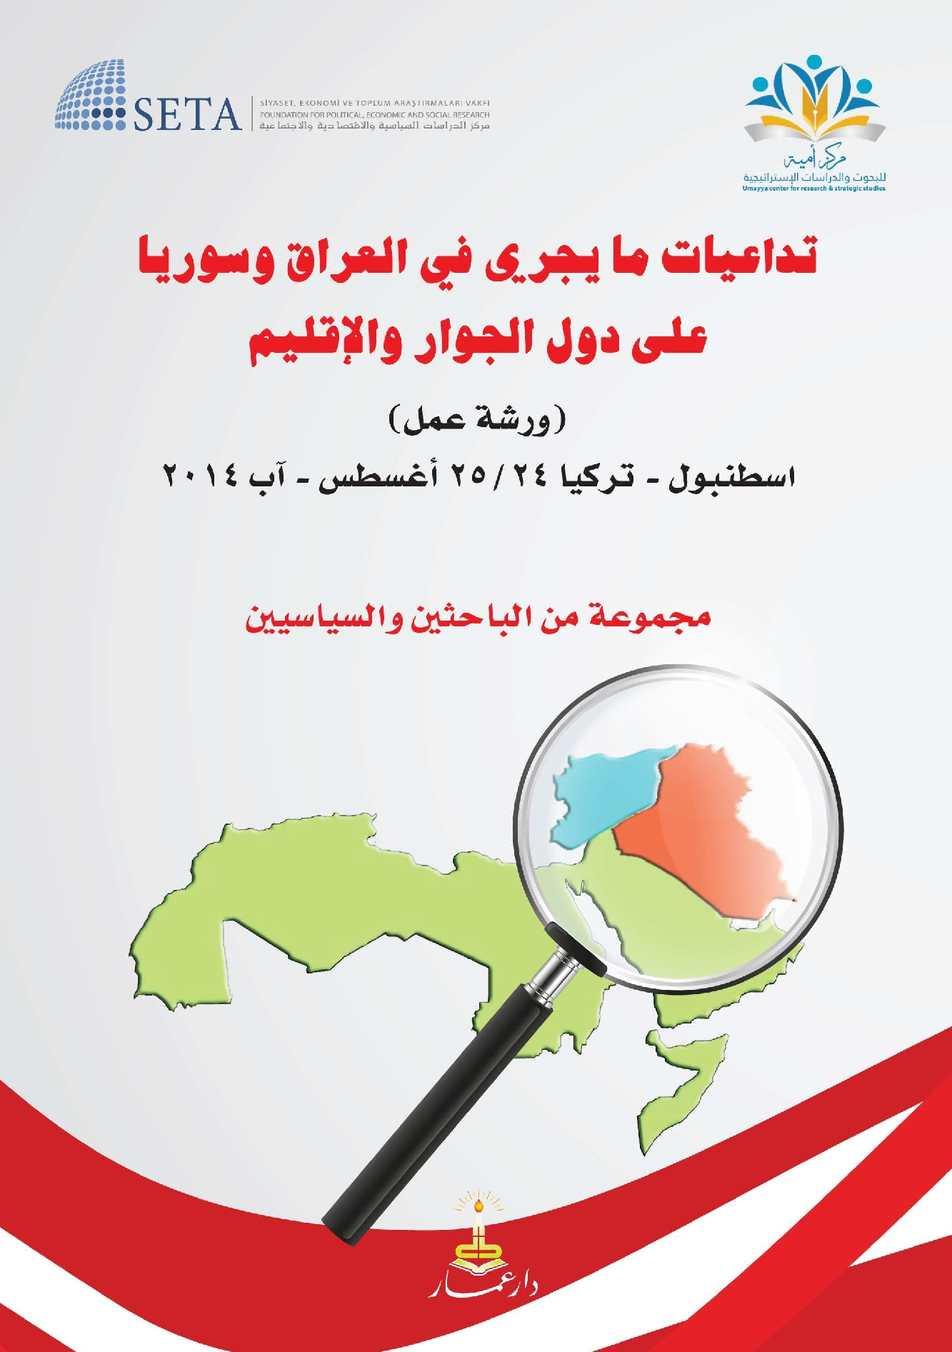 8cf5aba6e Calaméo - تداعيات ما يجري في سوريا والعراق على دول الجوار والإقليم